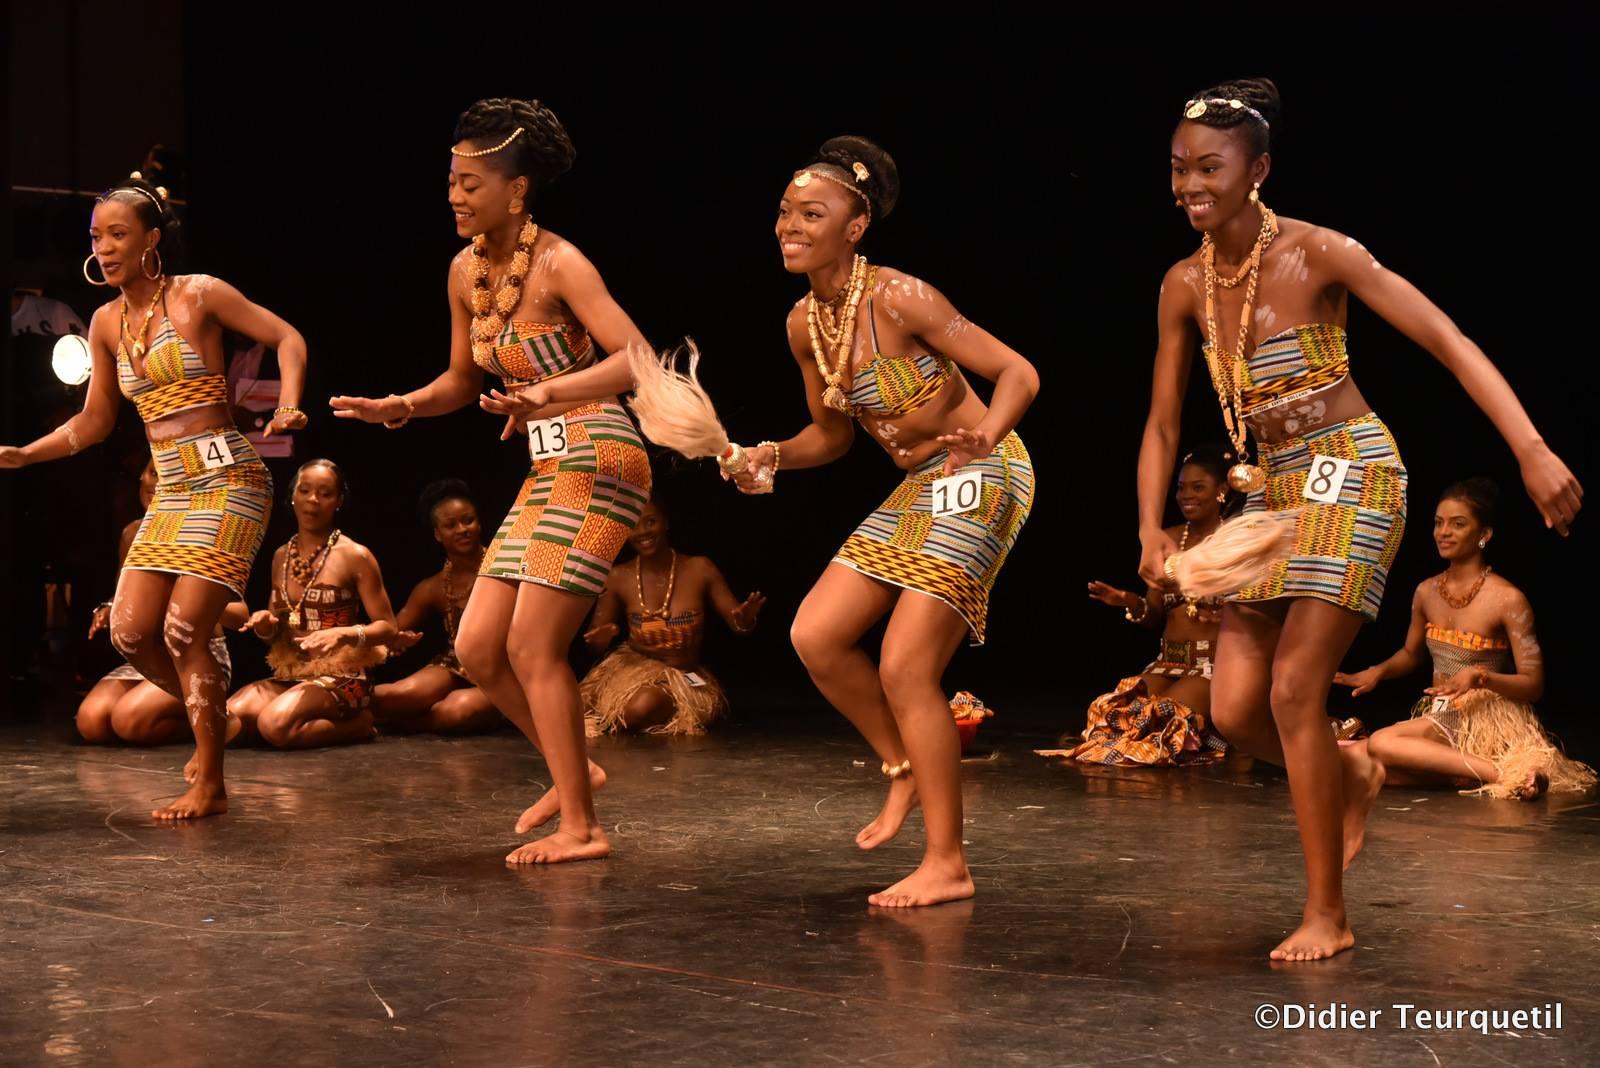 Les candidates en tenues traditionnelles  Crédit photo: Didier Teurquetil